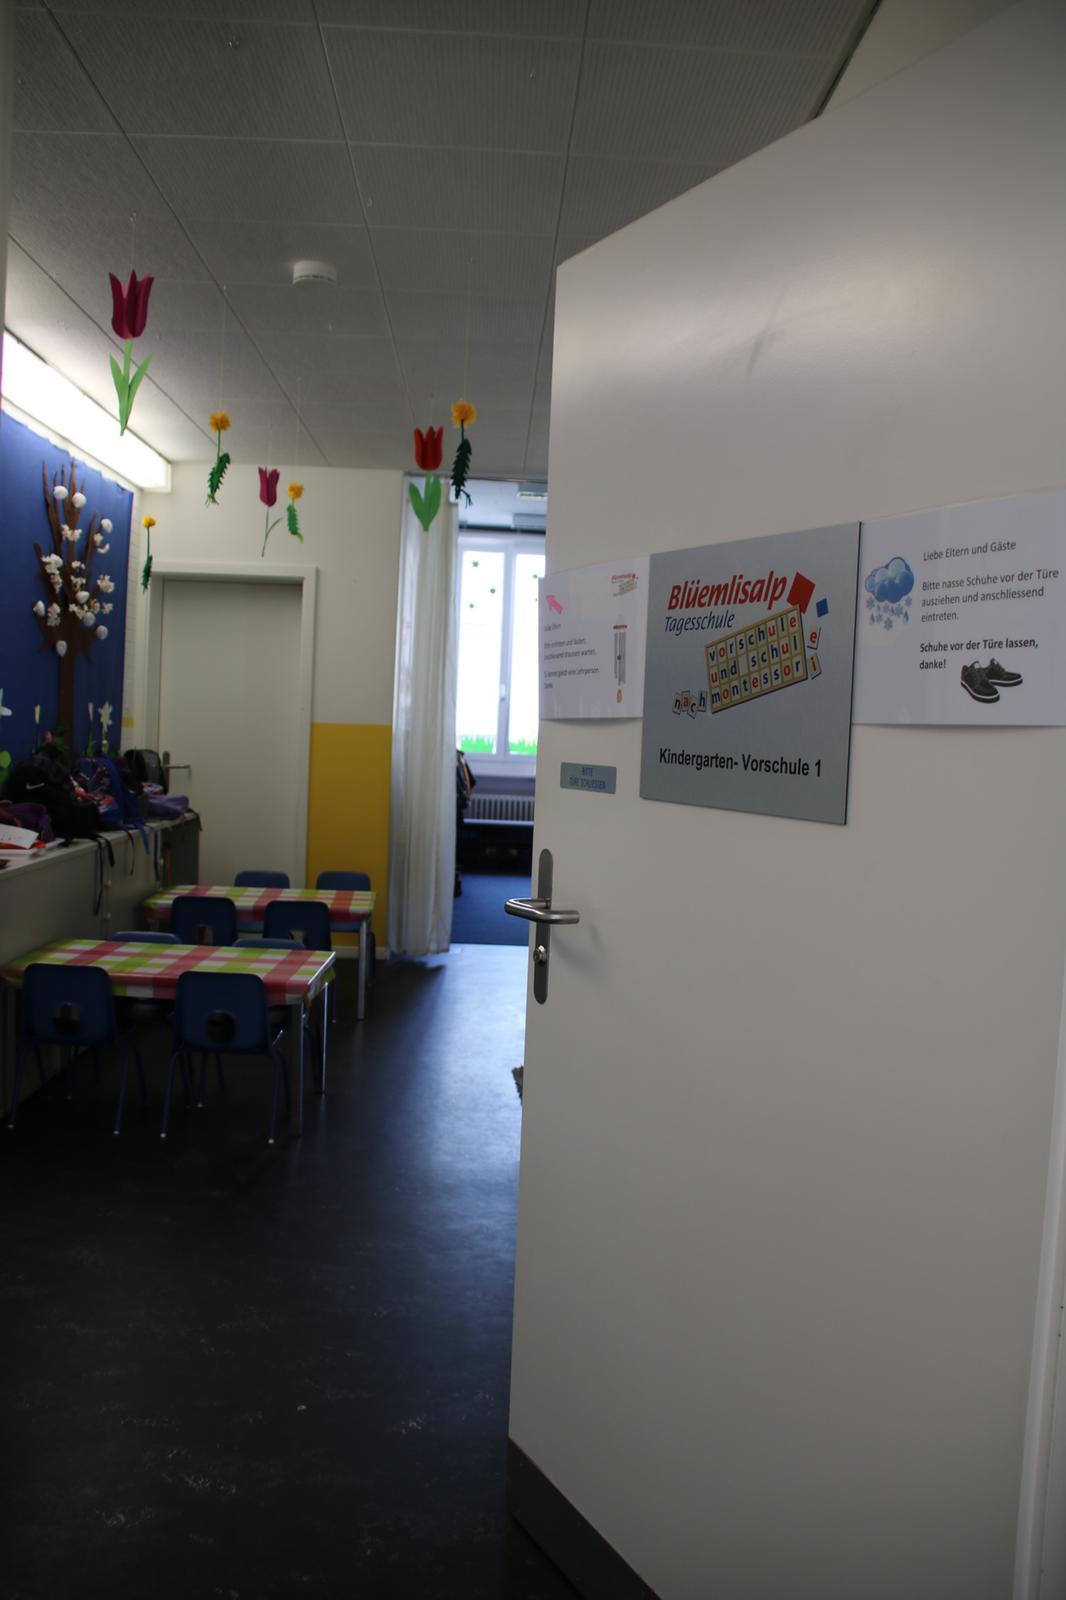 Brandwarnanlage von Schlüsseldienst Zürich Master Key Montessori Schule Raum